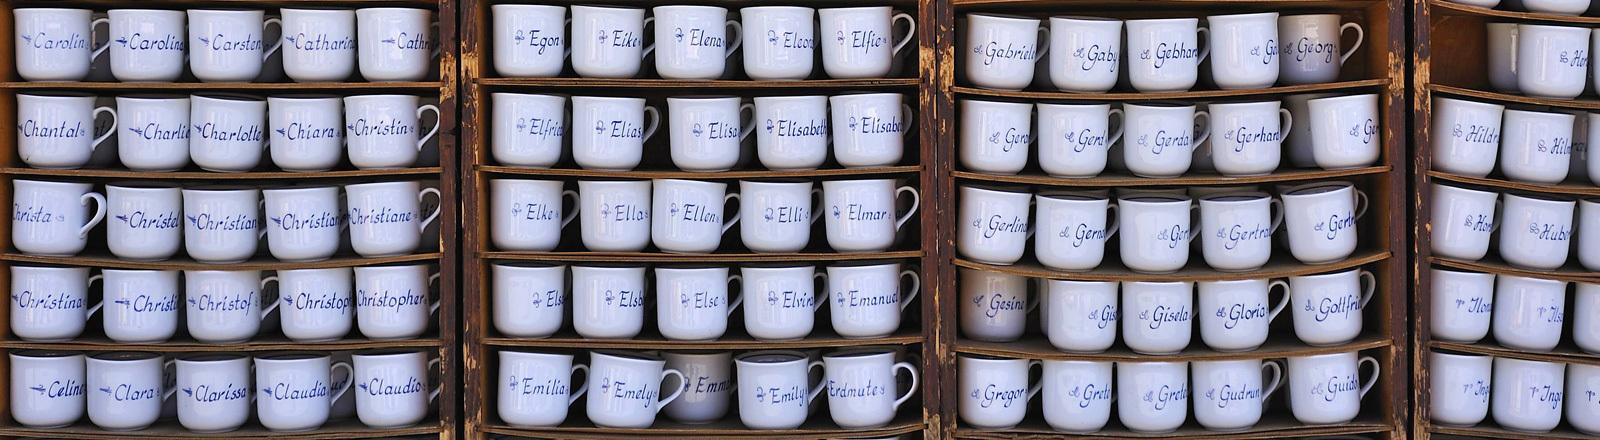 Ein Regal voller Tassen, auf denen diversen Vornamen stehen.